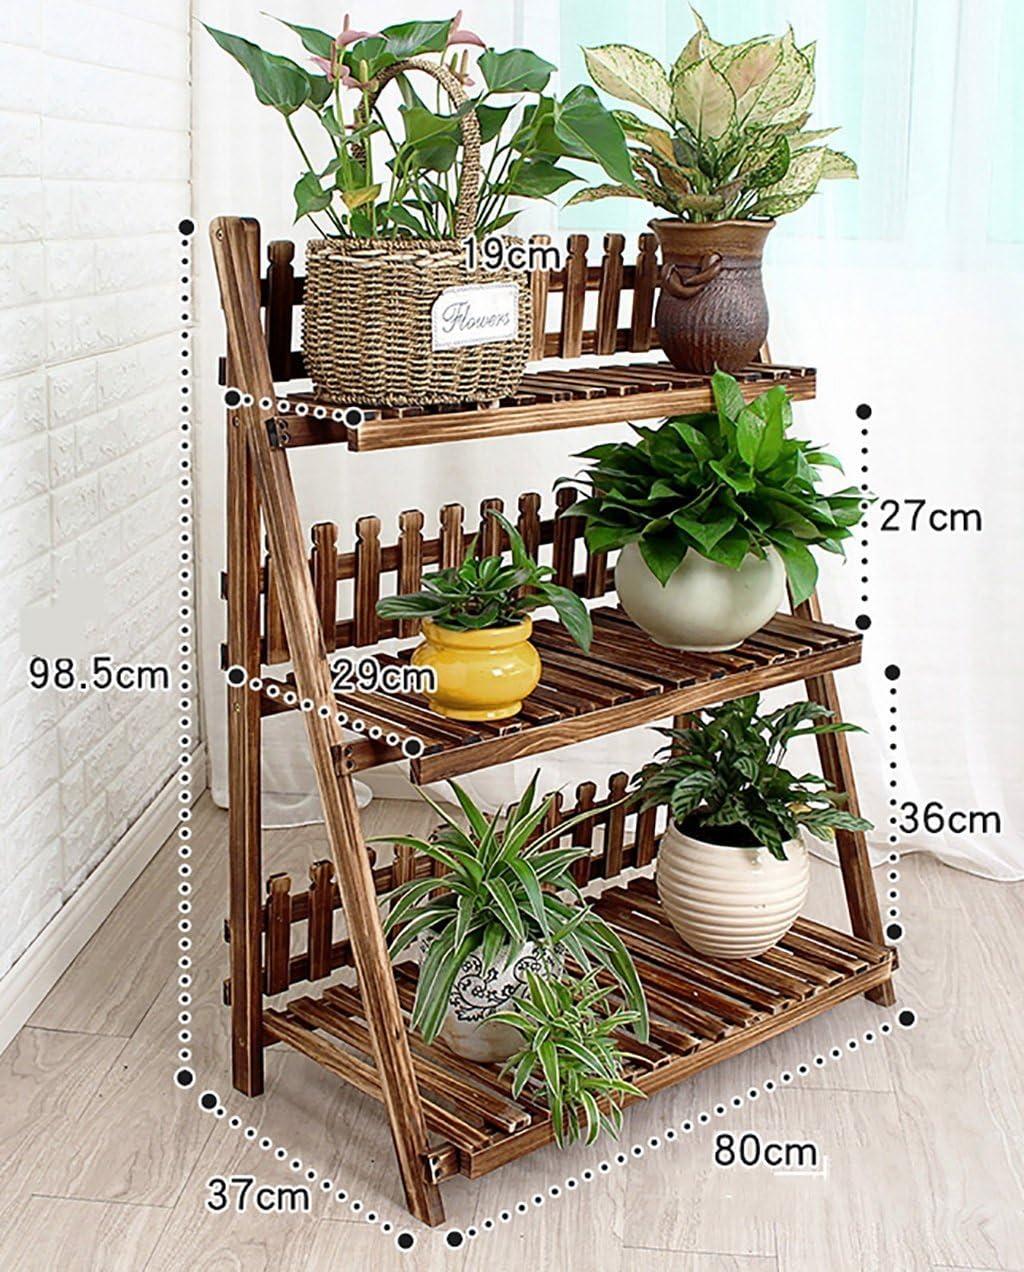 Soporte de flores / soportes de exhibición de flores Estantes de flores de madera / Estantes de plantas para interiores y exteriores / Maceteros de múltiples capas / Escalera de escalera 3F /